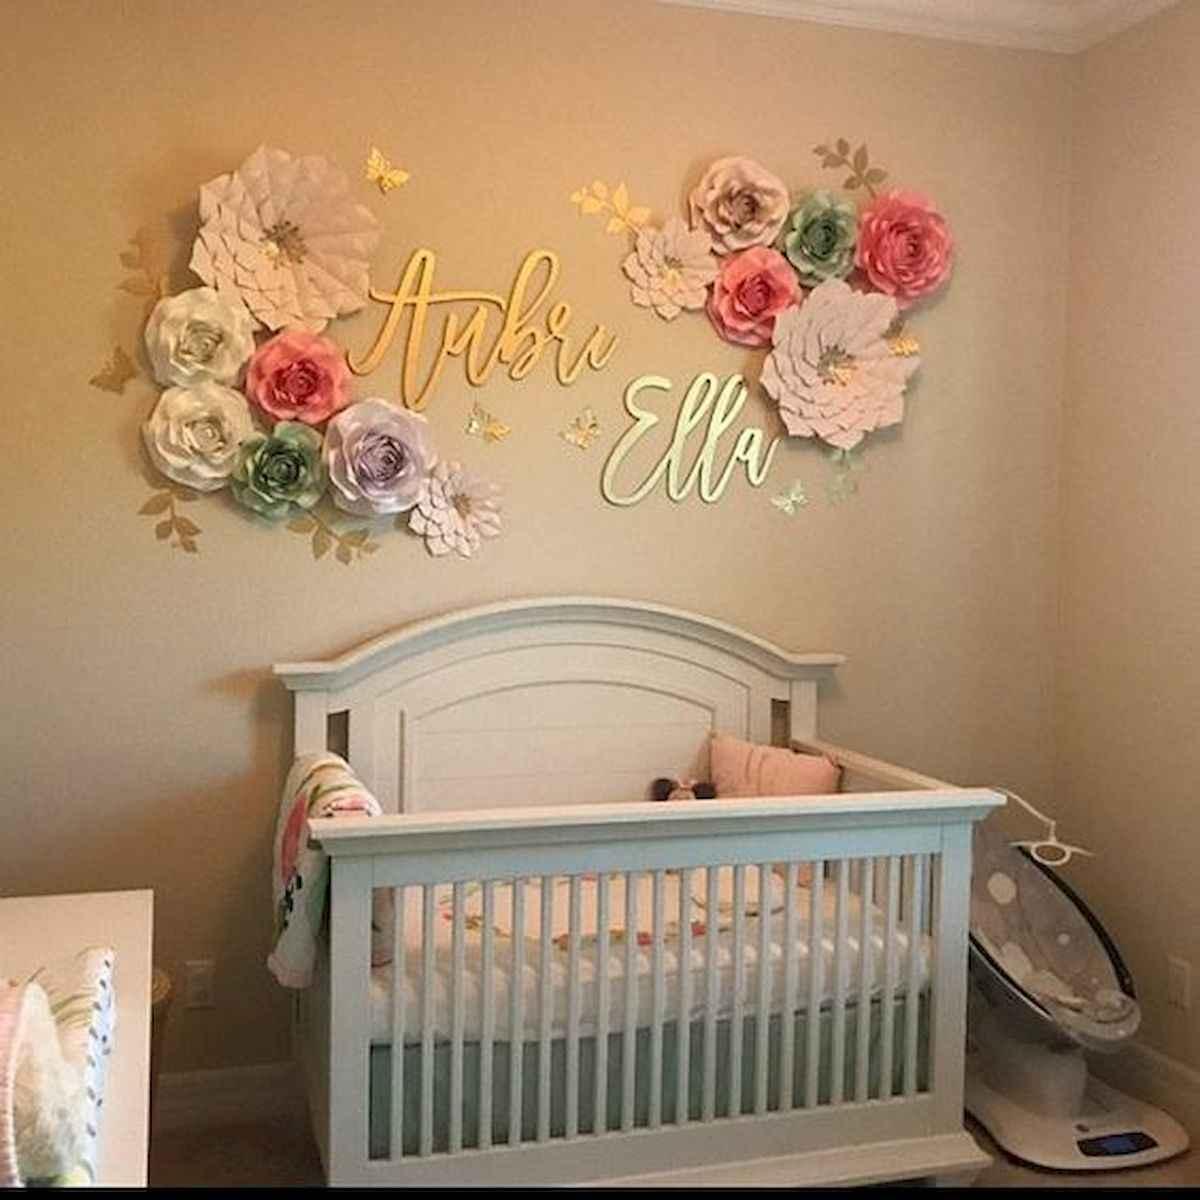 33 Adorable Nursery Room Ideas For Girl (9)